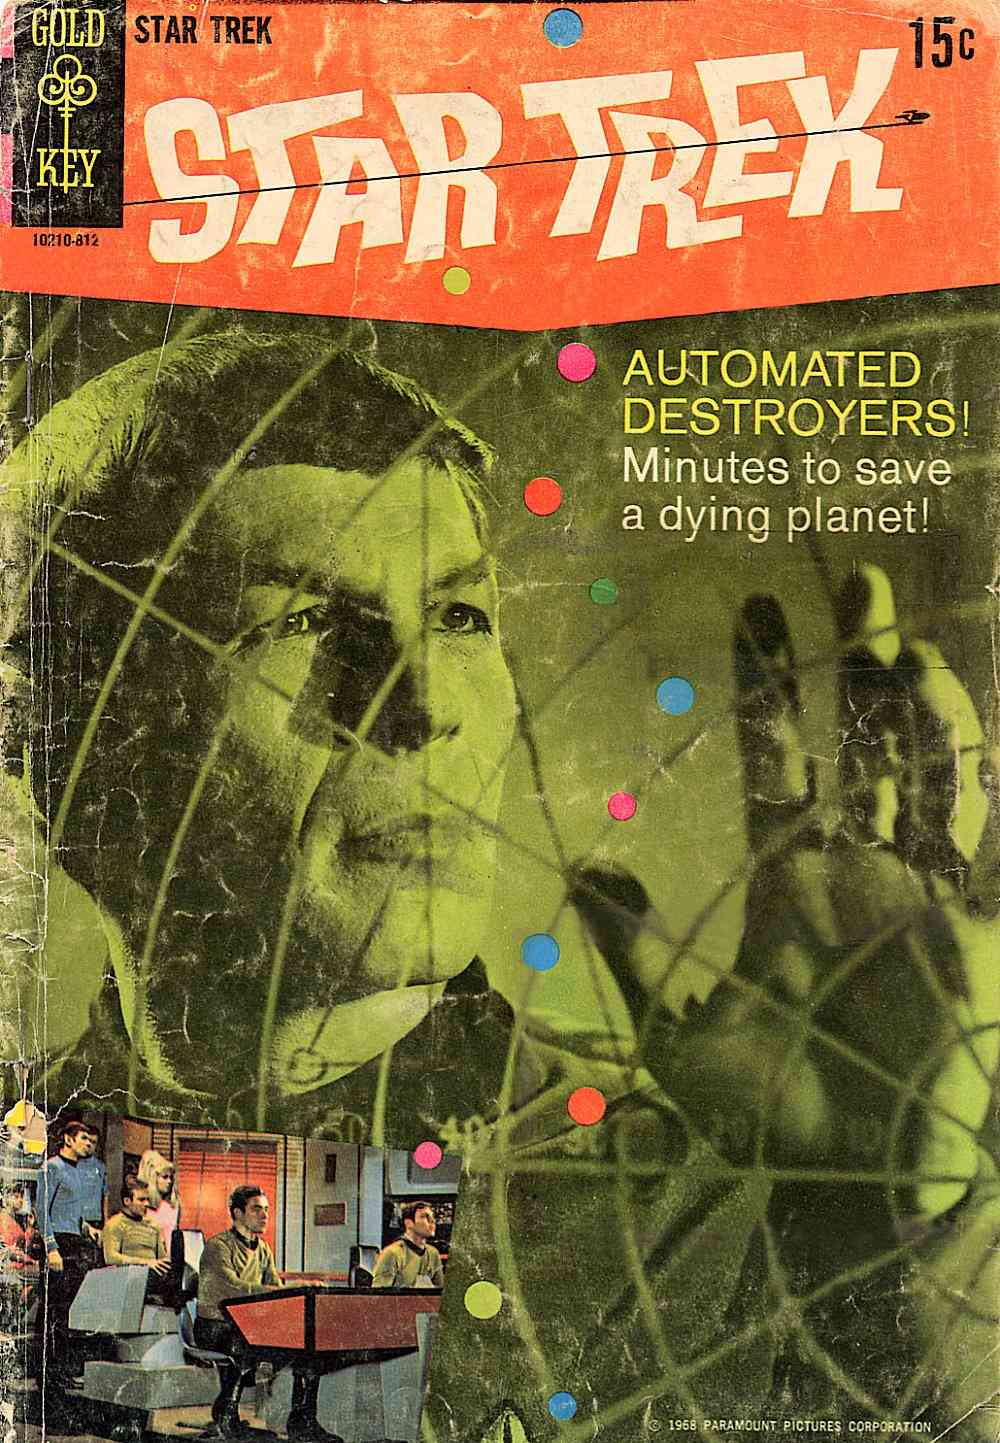 Star Trek (1967) issue 3 - Page 1